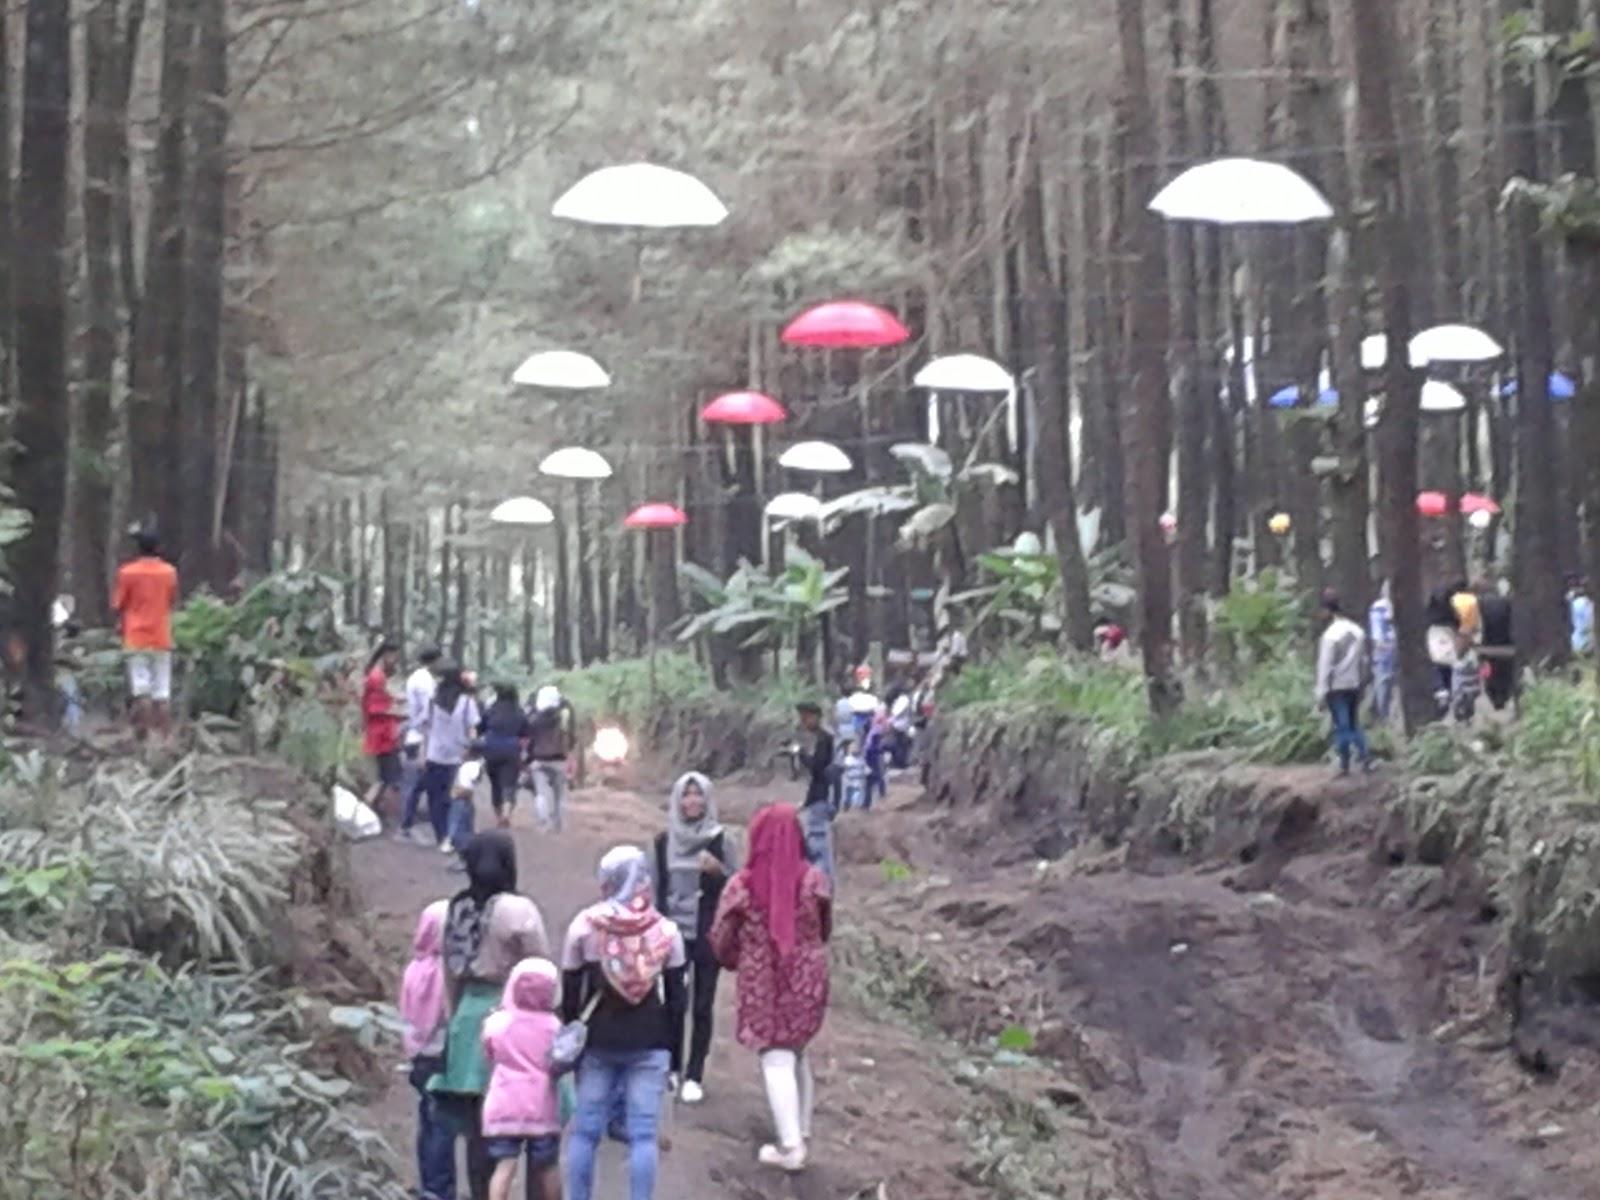 saat ini wisata hps masih dalam tarap pengembangan namun demikian sudah dapat dinikmati pemandangan pinus dengan asesori payung yang digantung diberbagai